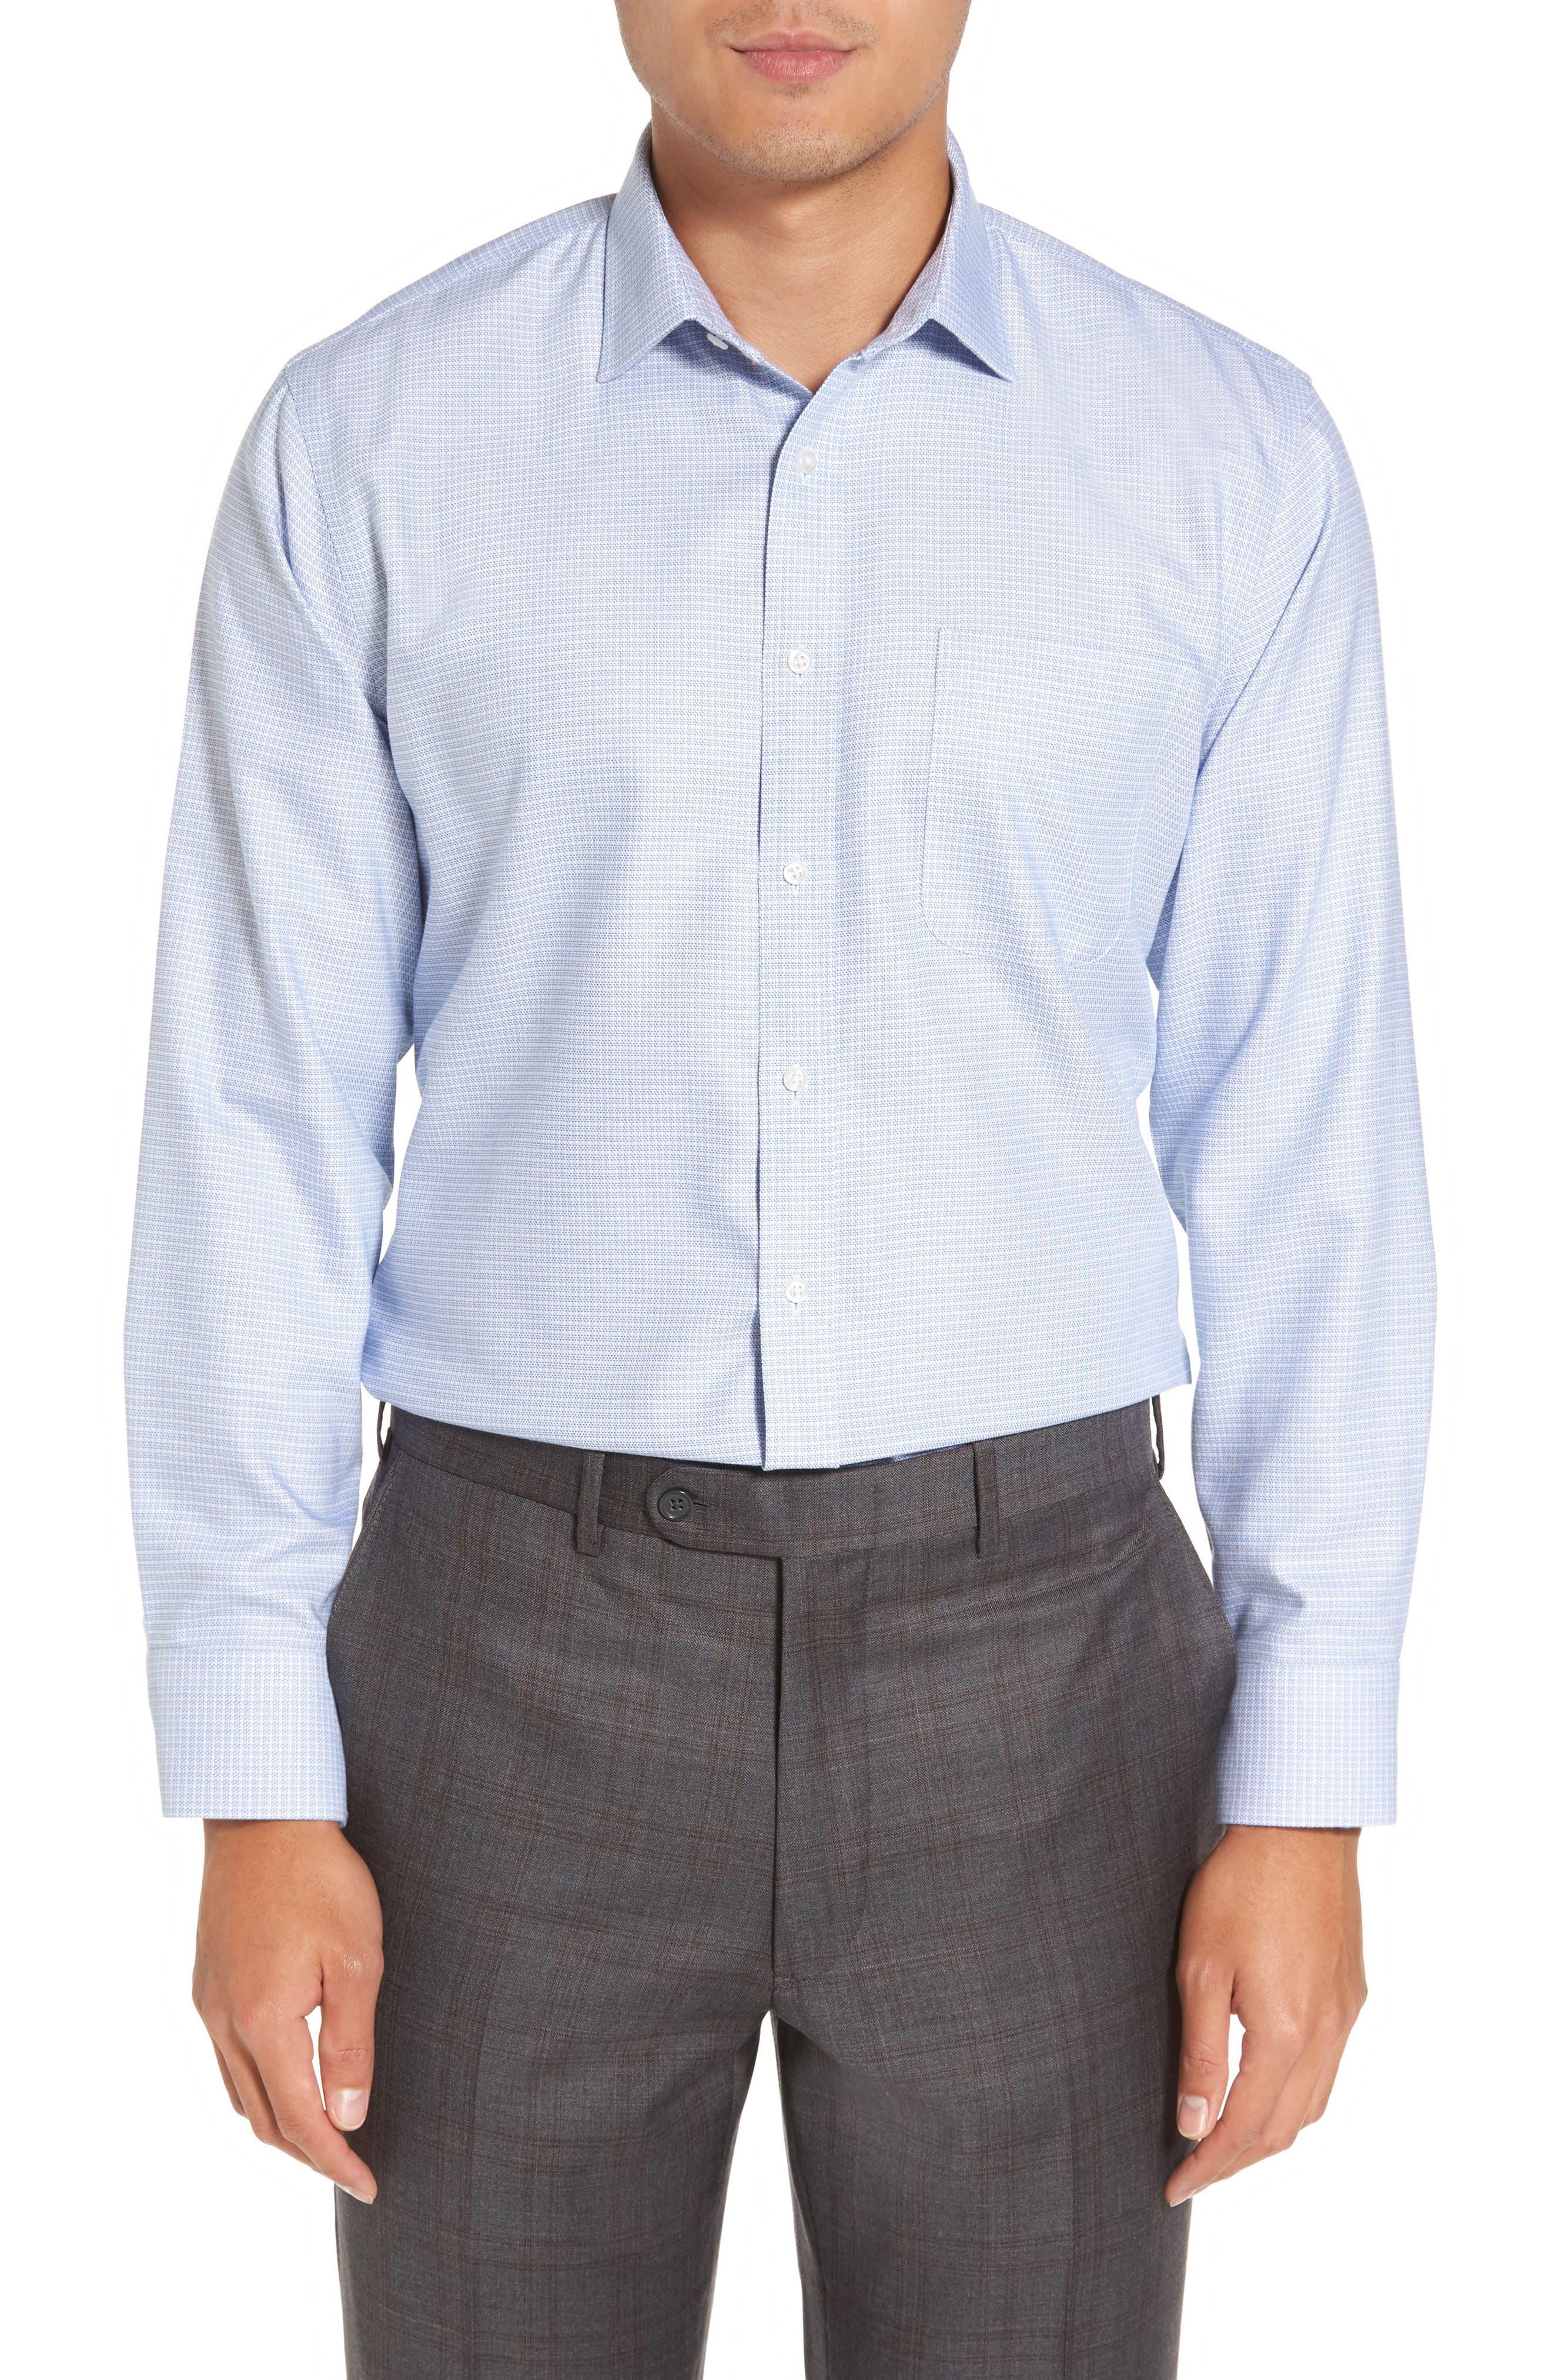 Smartcare<sup>™</sup> Trim Fit Dress Shirt,                             Main thumbnail 1, color,                             450